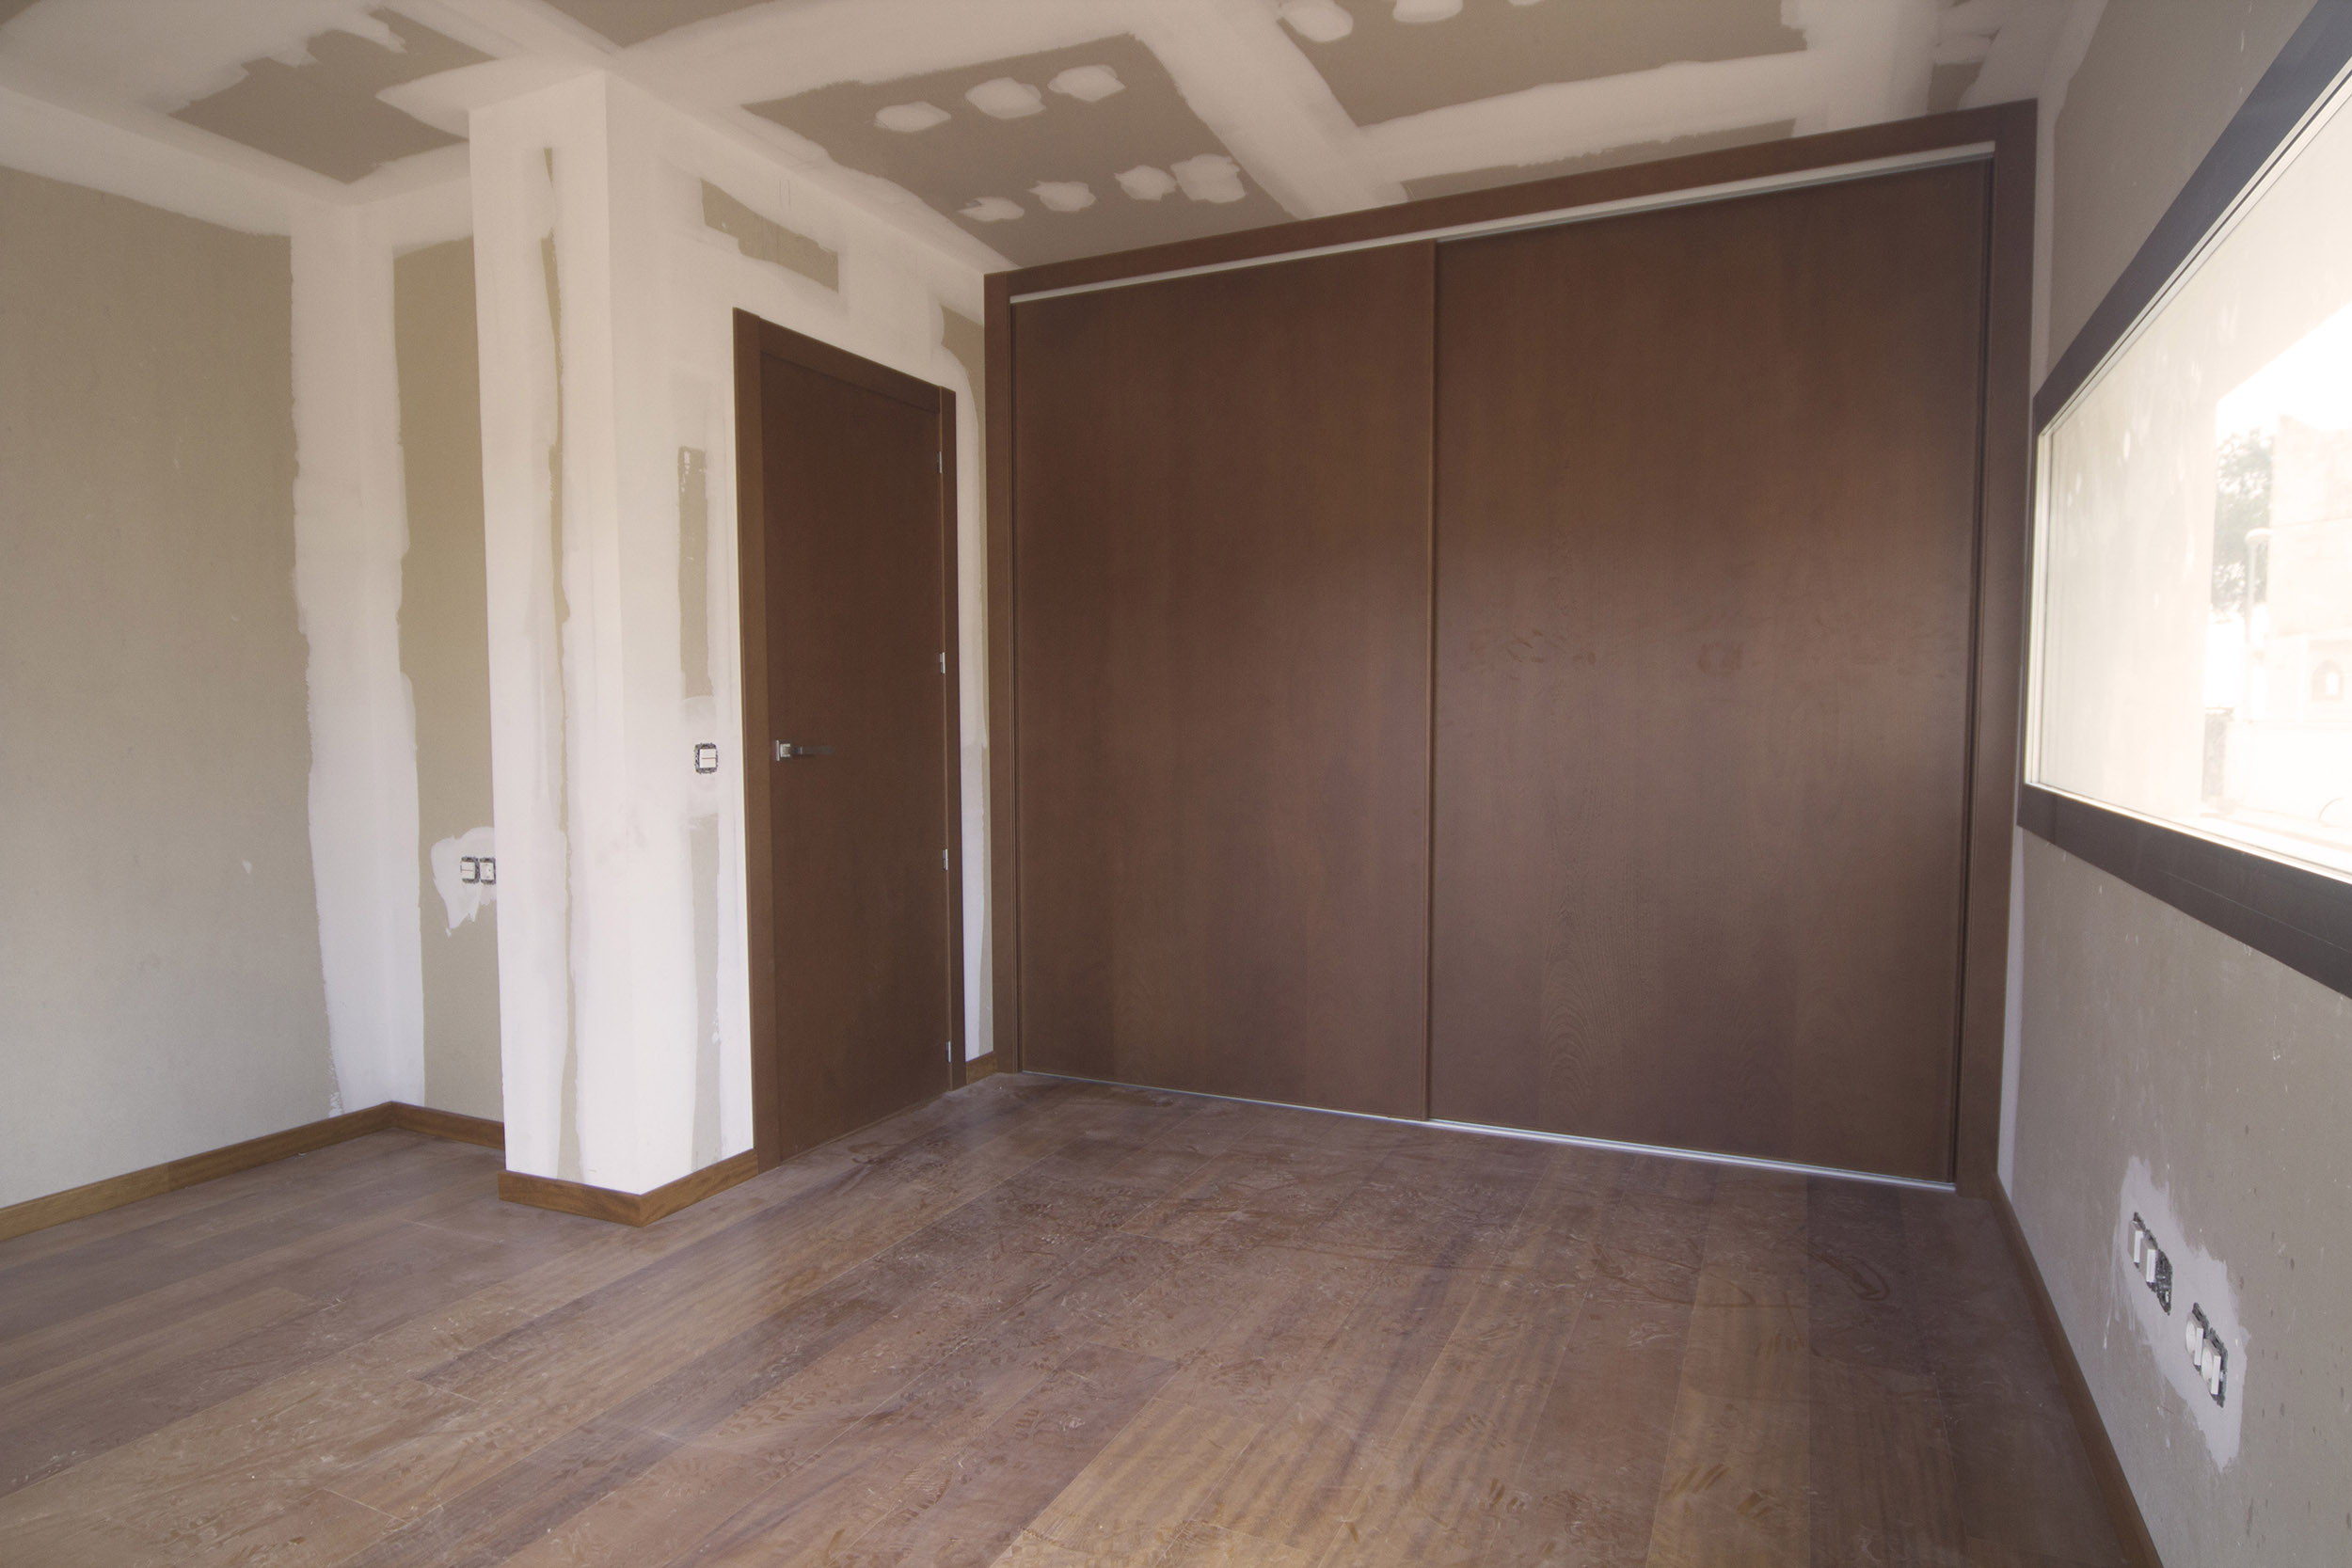 Moderne nieuwbouw villa in altea spanje specials - Moderne slaapkamer met kleedkamer ...